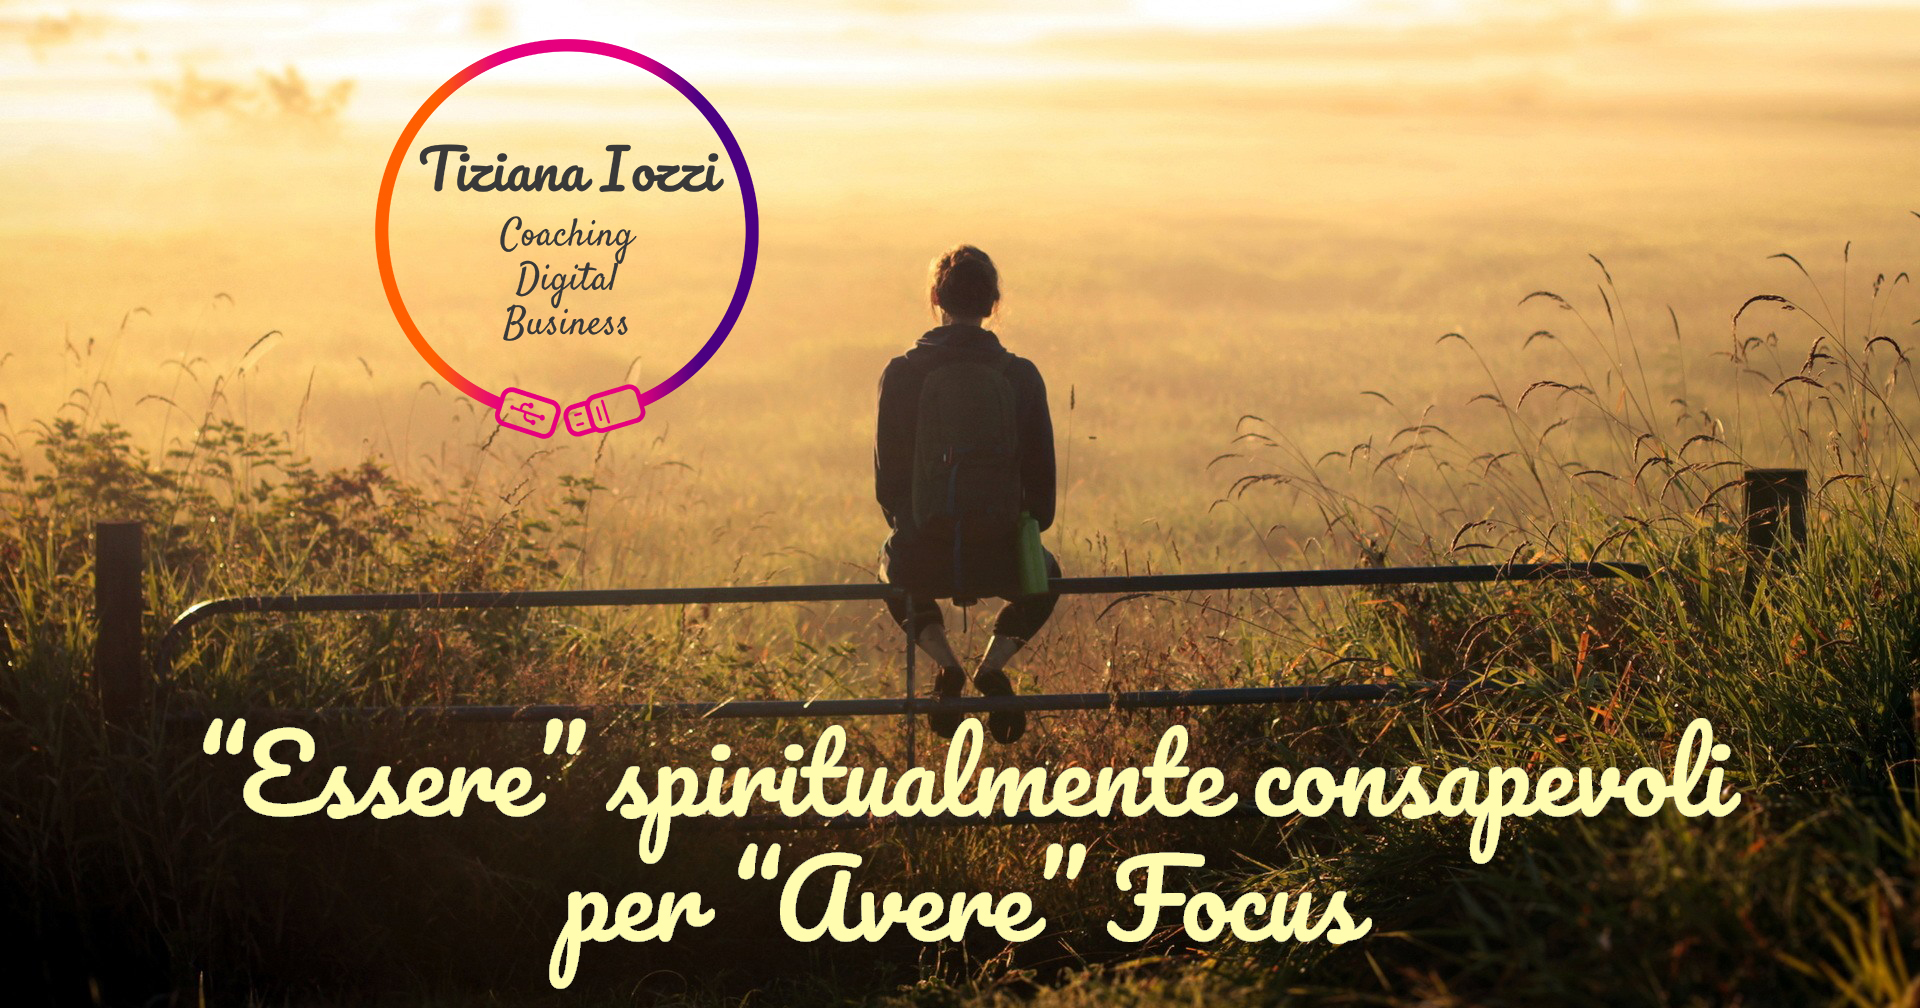 """""""Essere"""" spiritualmente consapevoli per """"Avere"""" focus"""